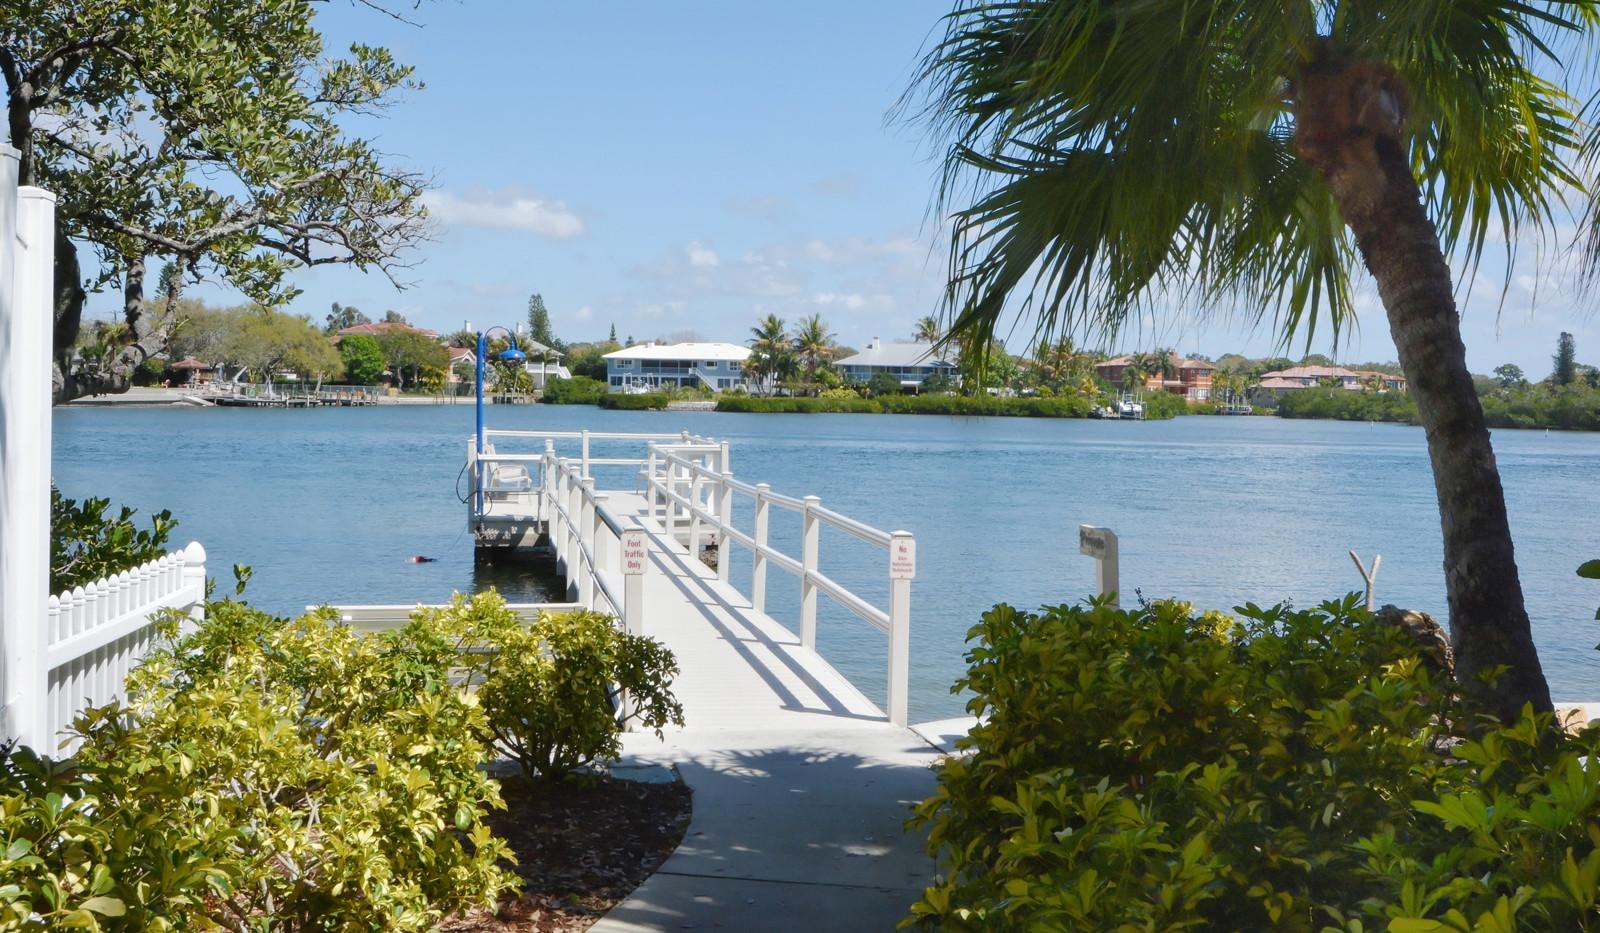 Polynesian Gardens Dock